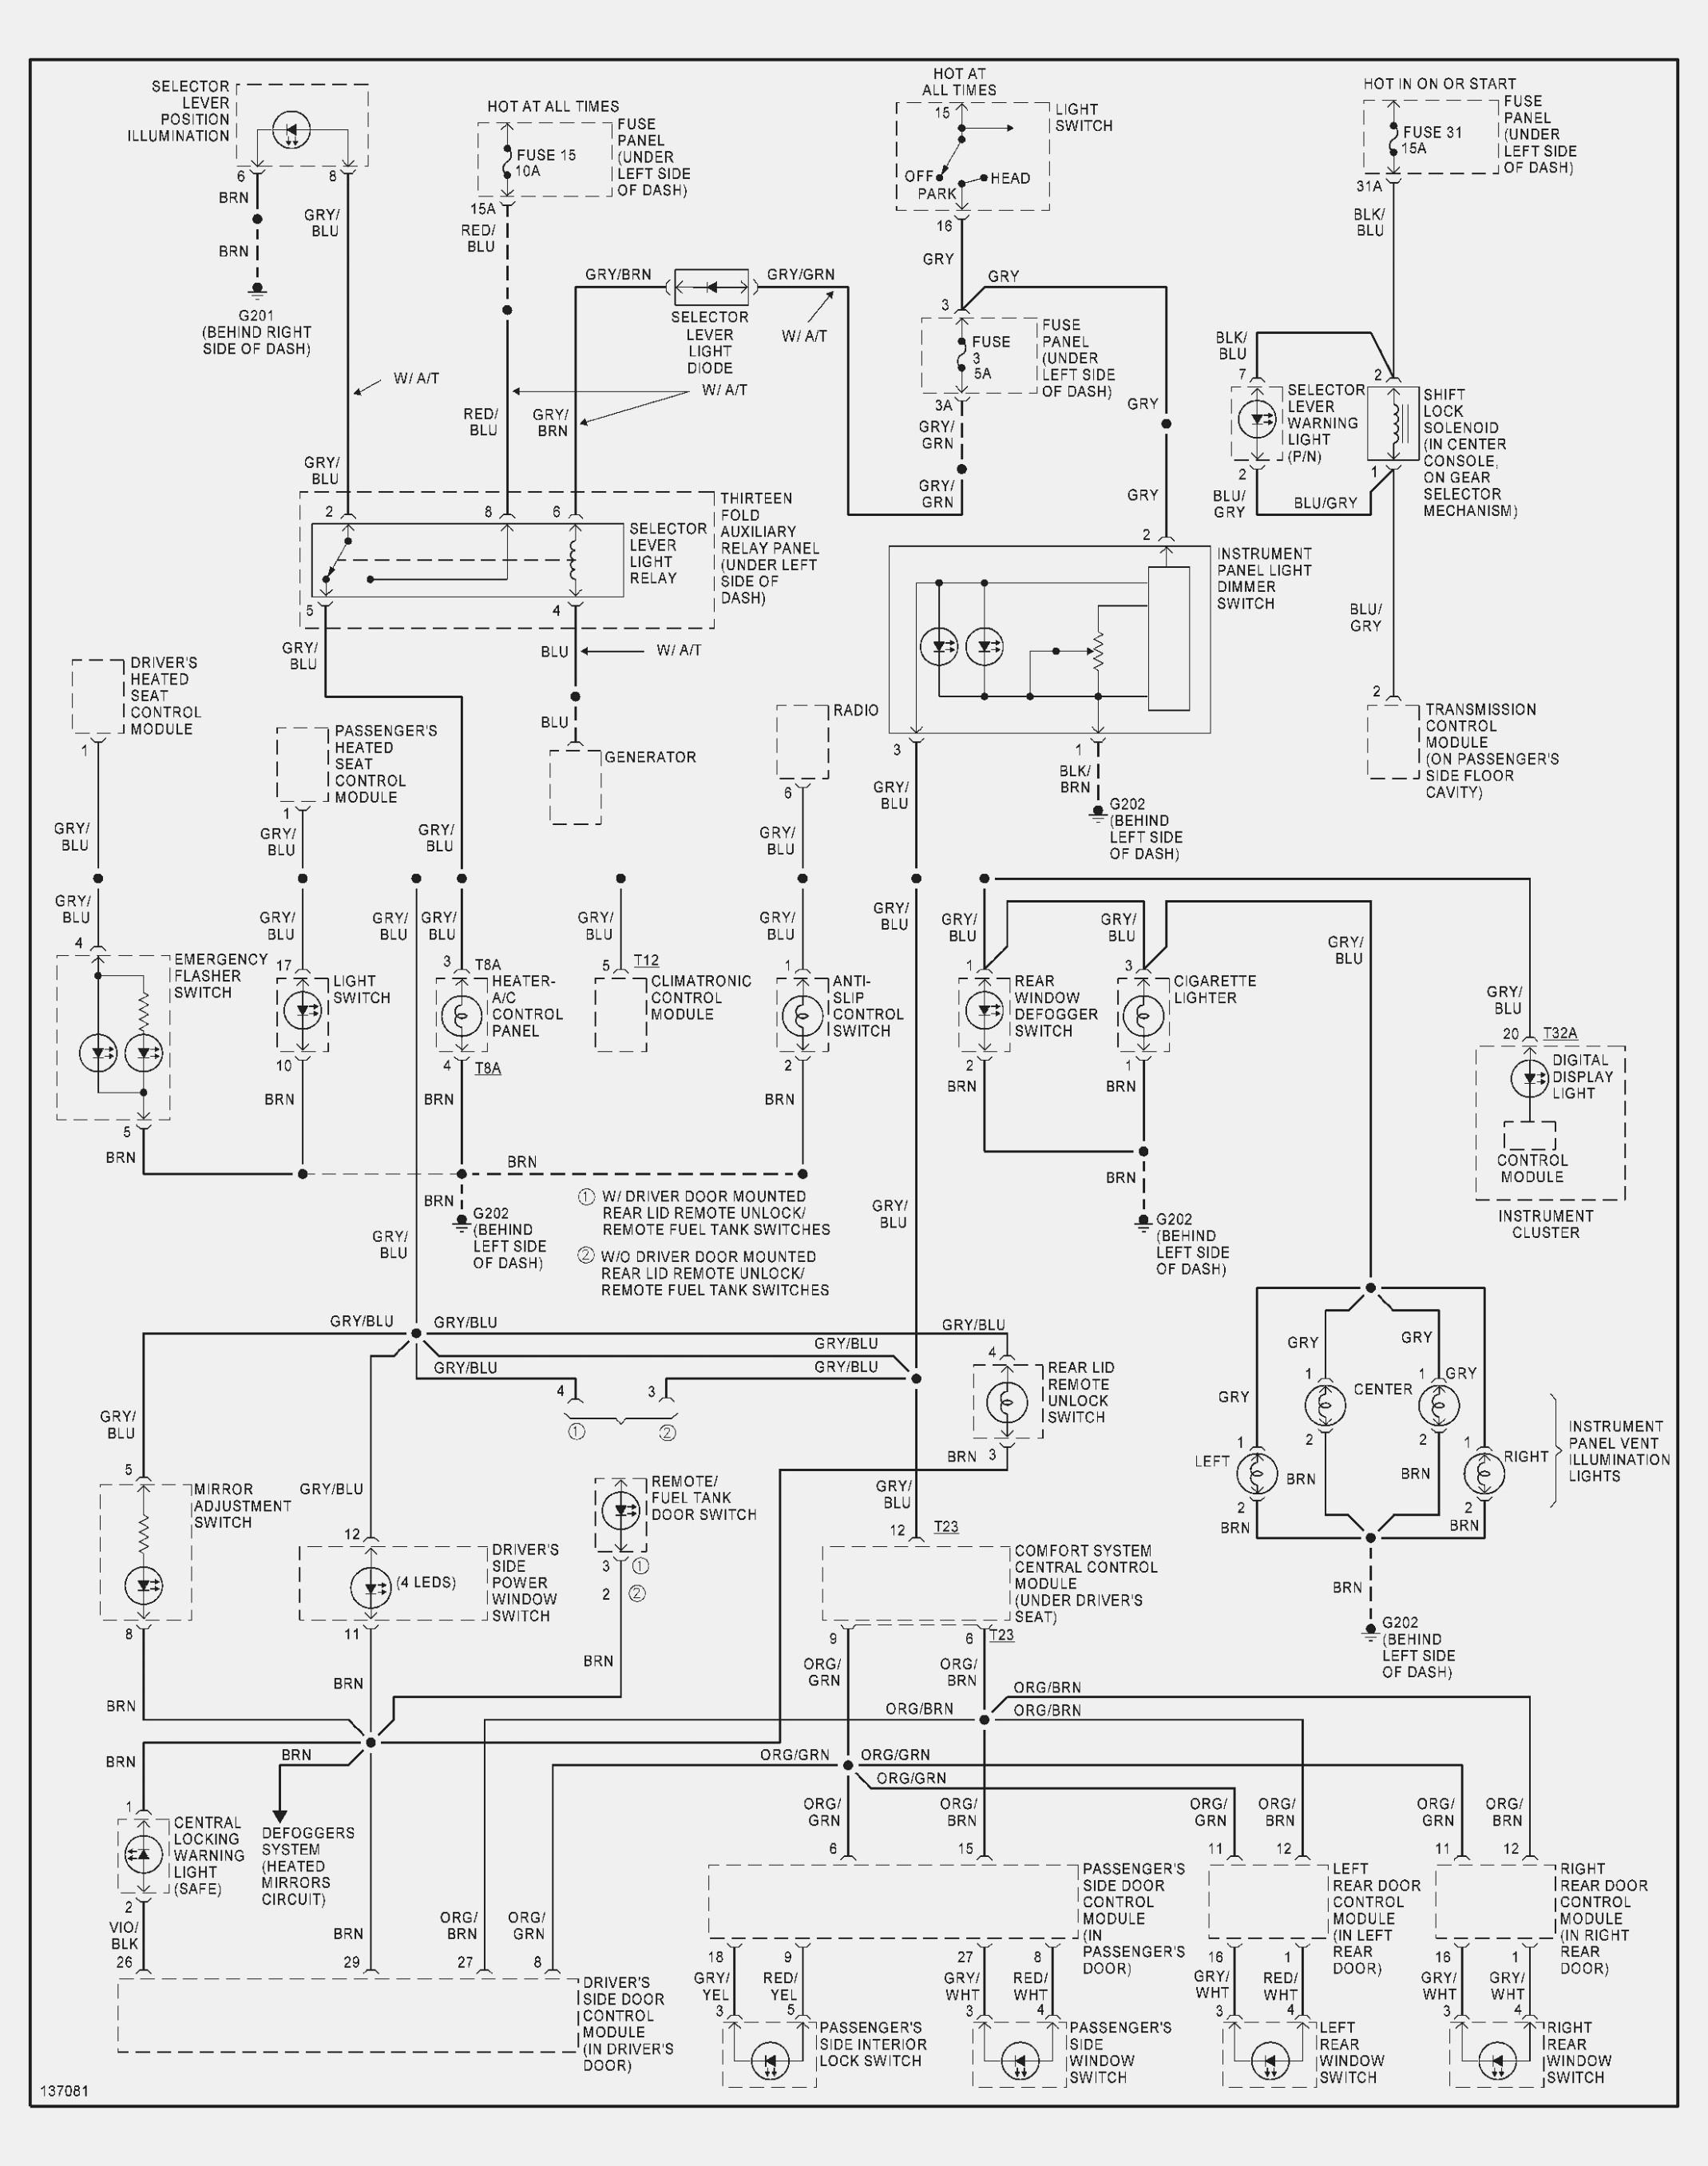 John Deere Lt150 Wiring Diagram Wv 9275] Wiring Diagram for John Deere Lt133 Along with John Of John Deere Lt150 Wiring Diagram